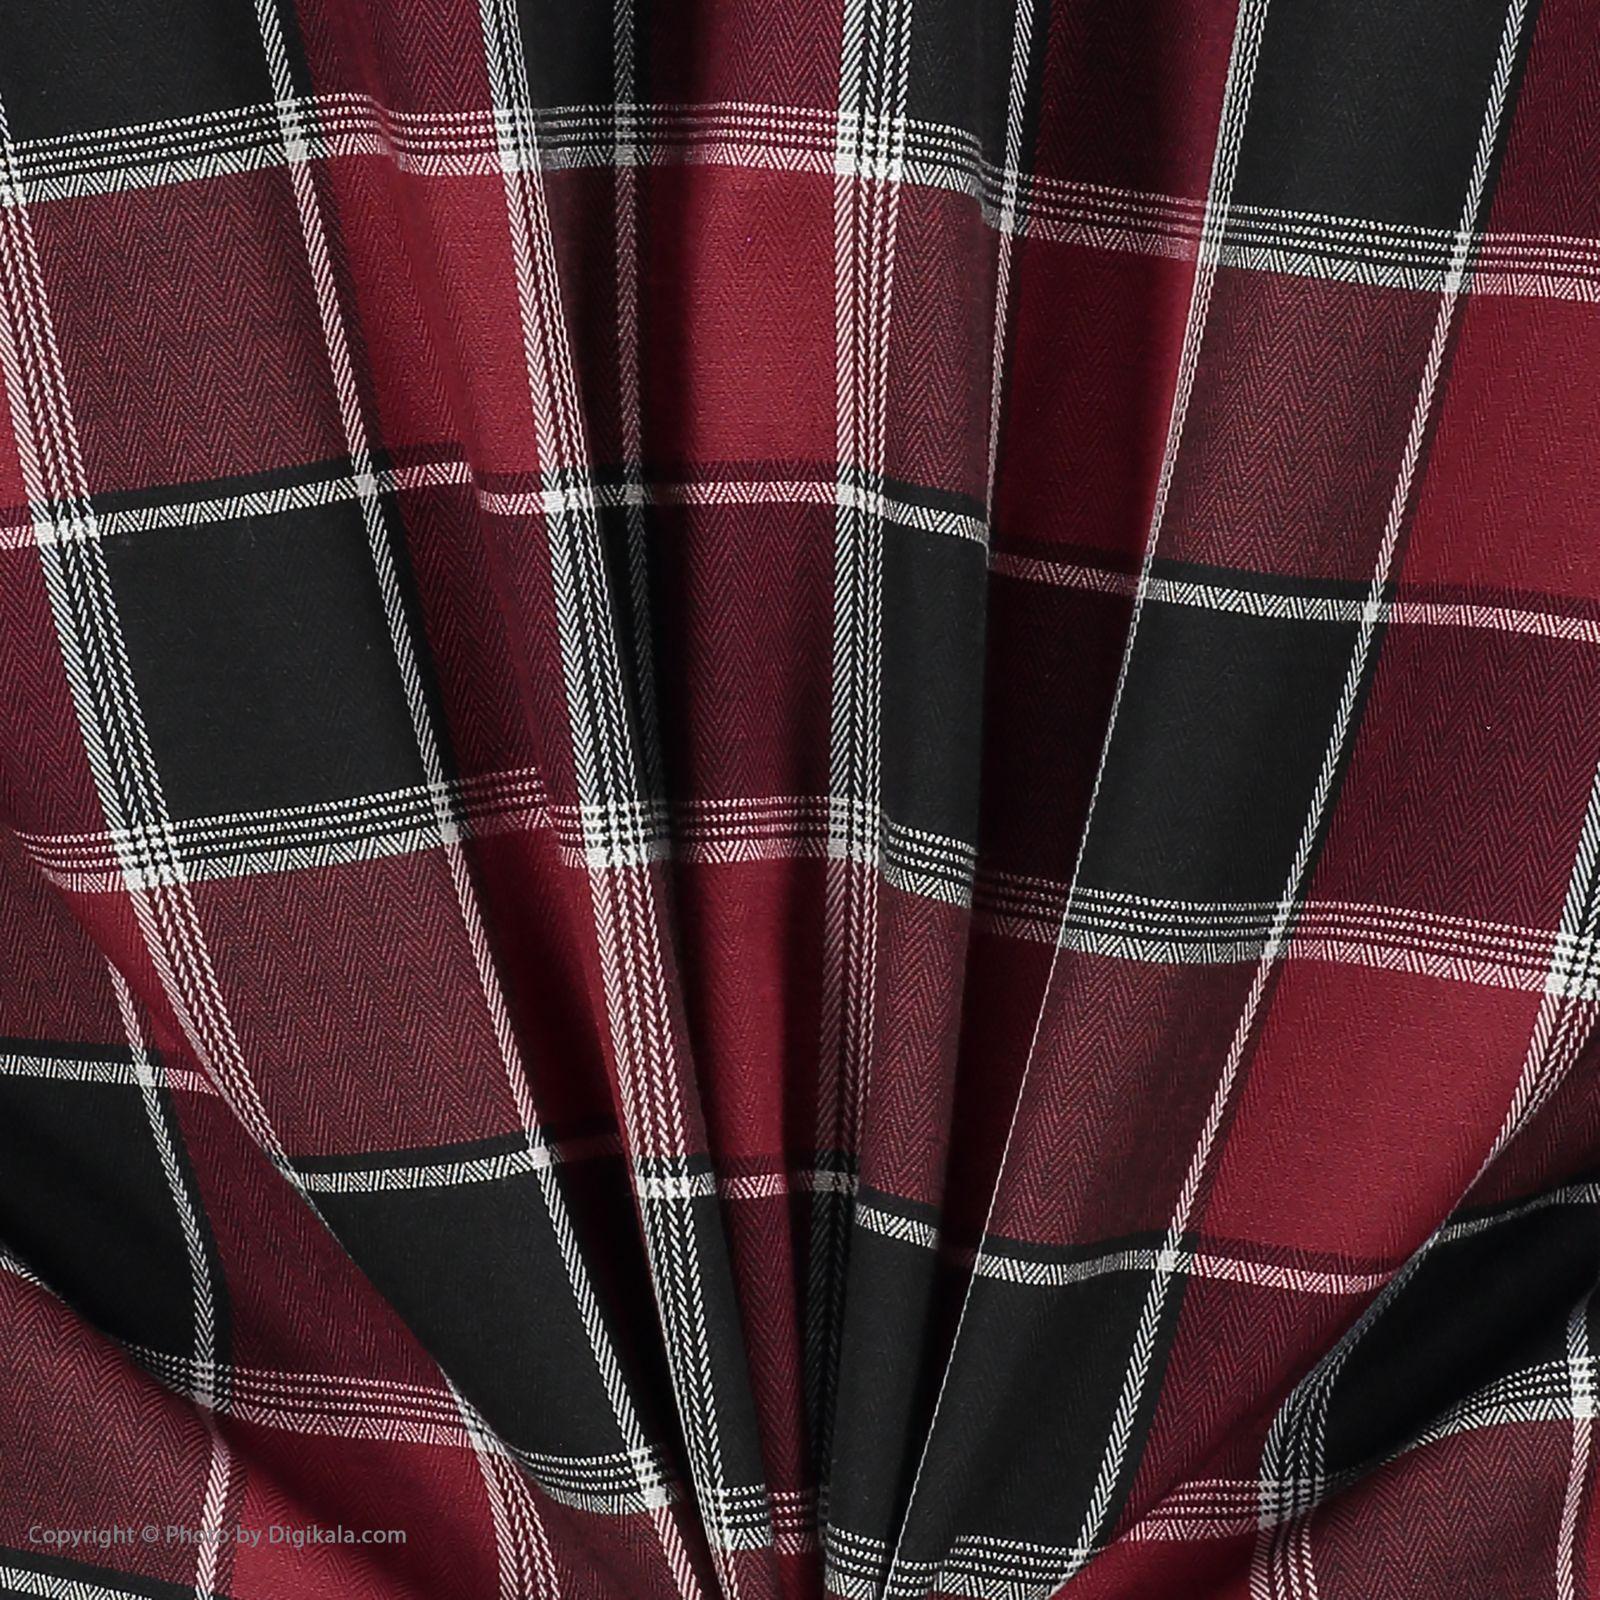 پیراهن مردانه زی مدل 15312297499 -  - 6